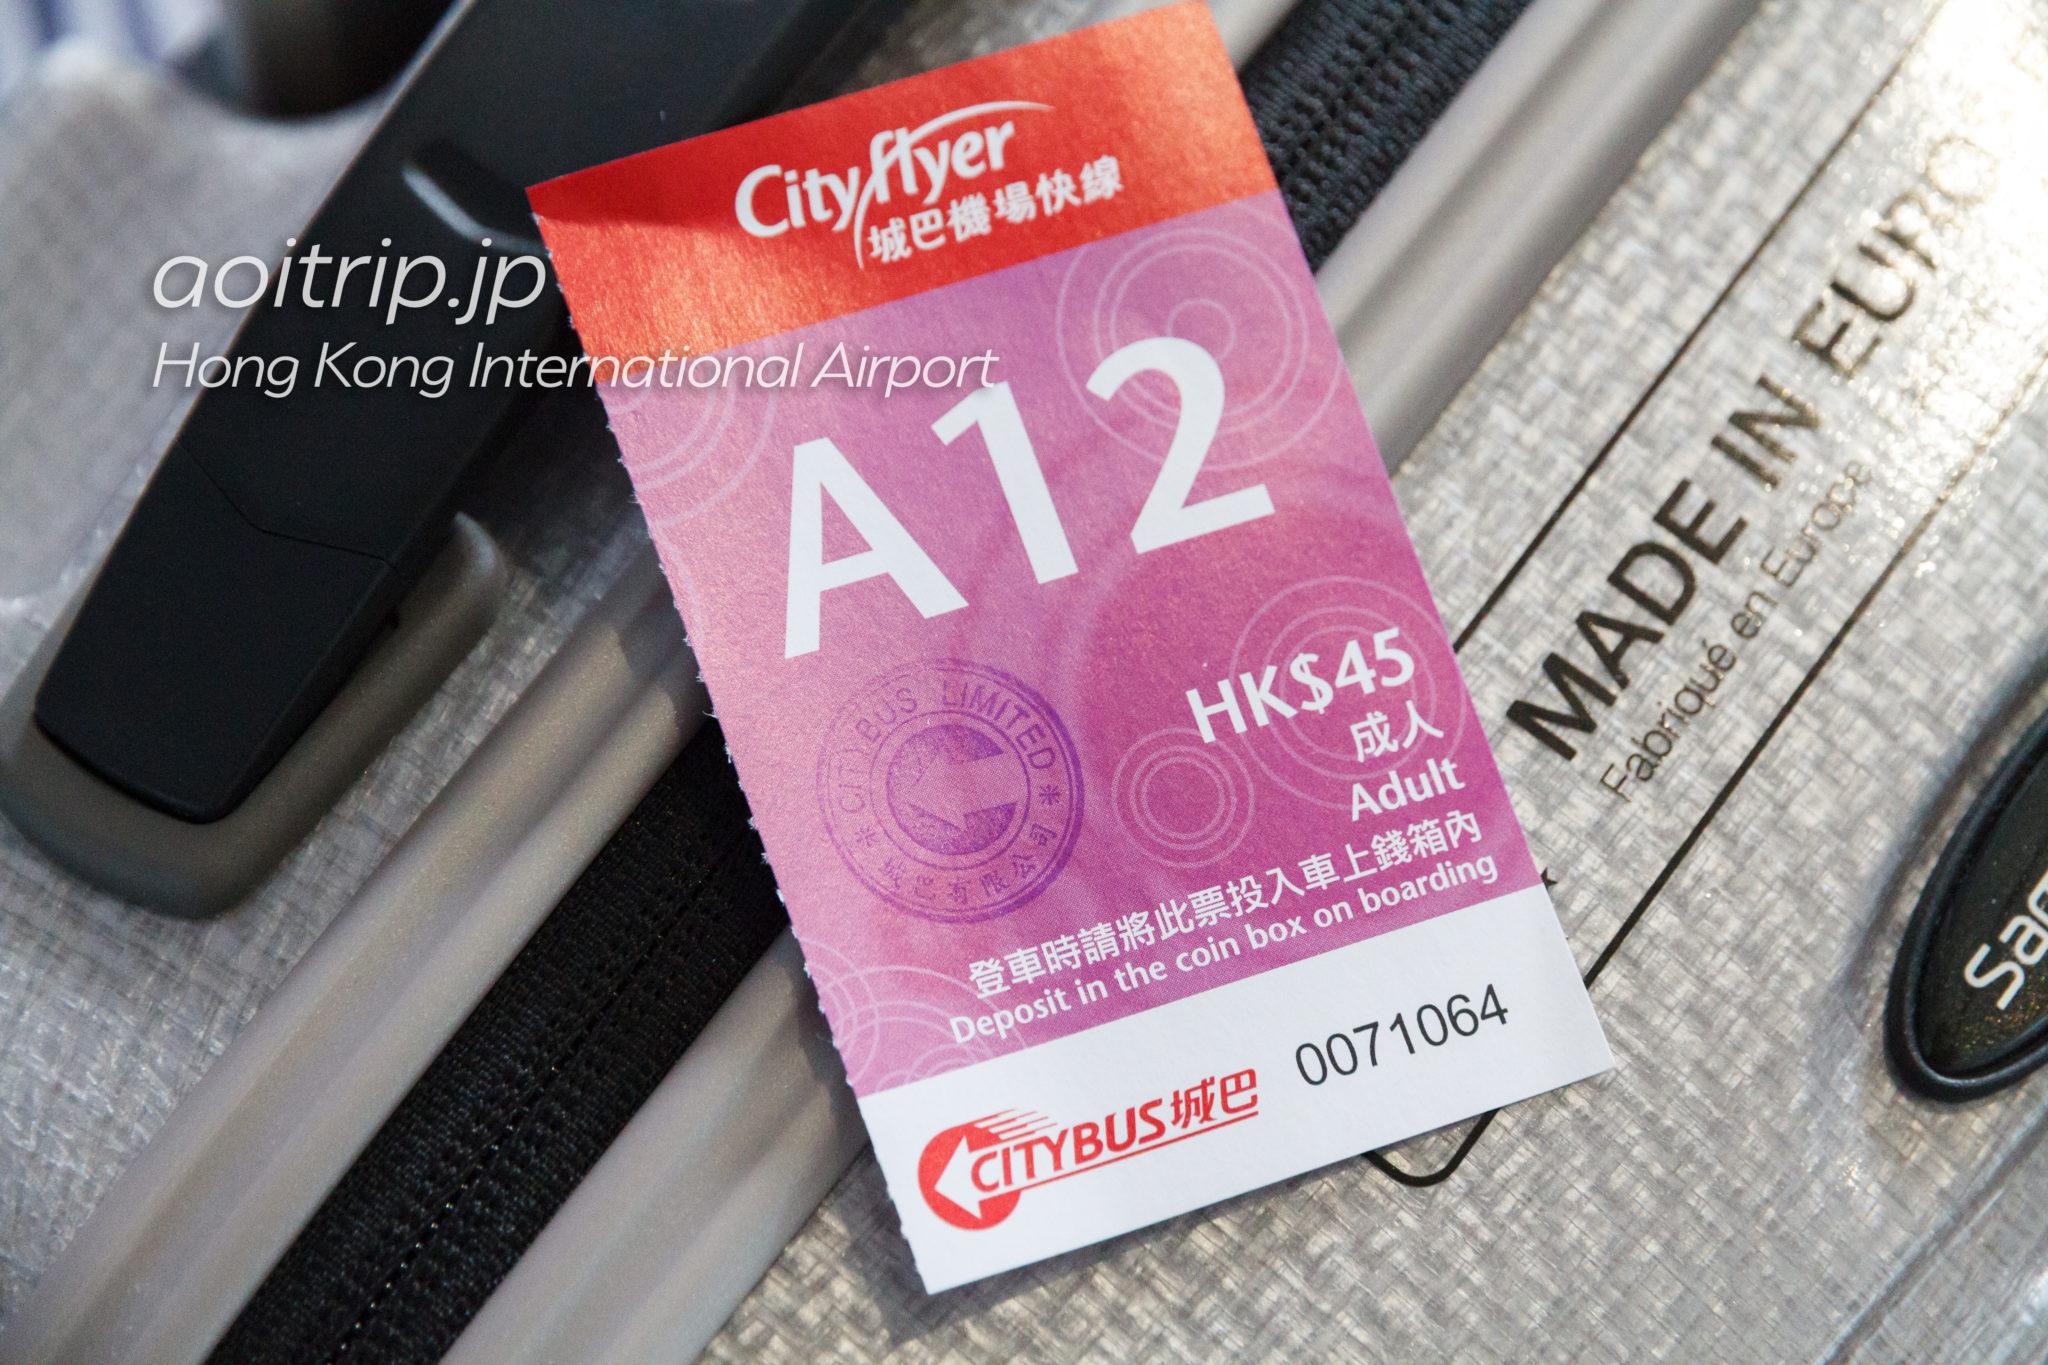 香港空港のエアポートバスチケット